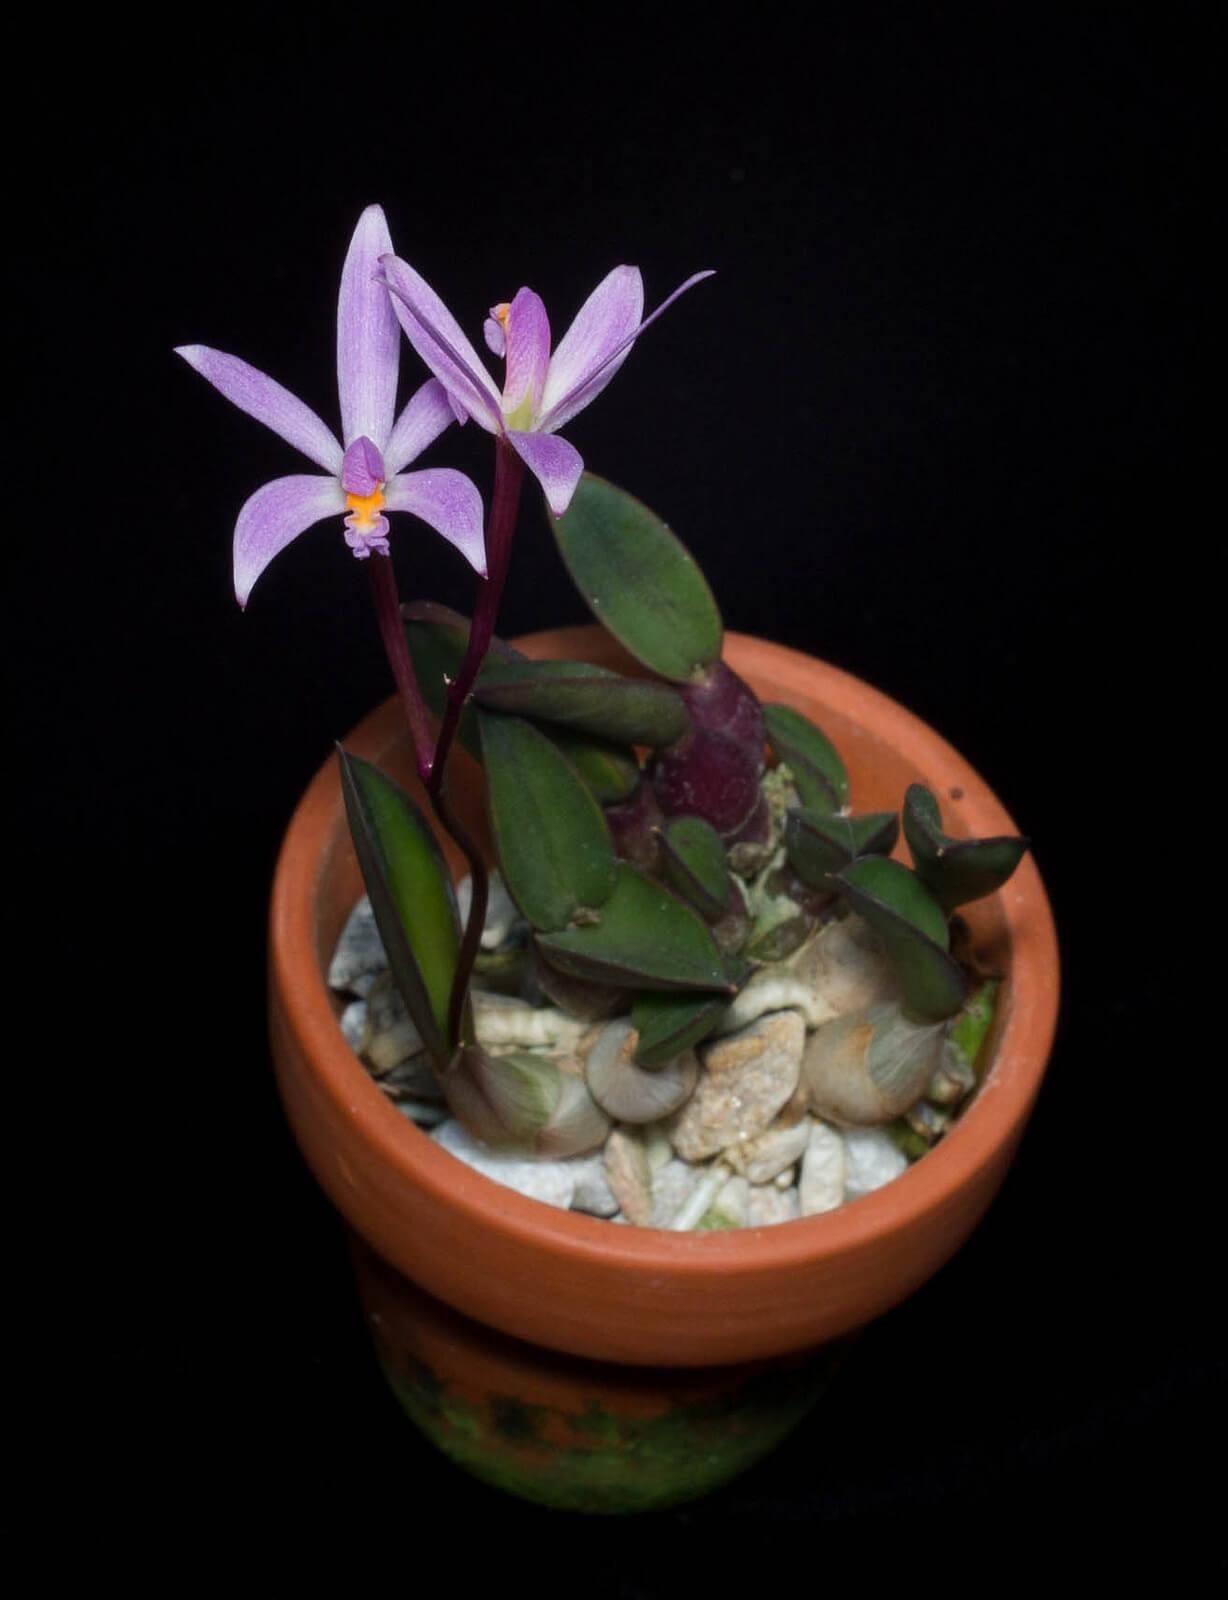 Laelia liliputana orchid